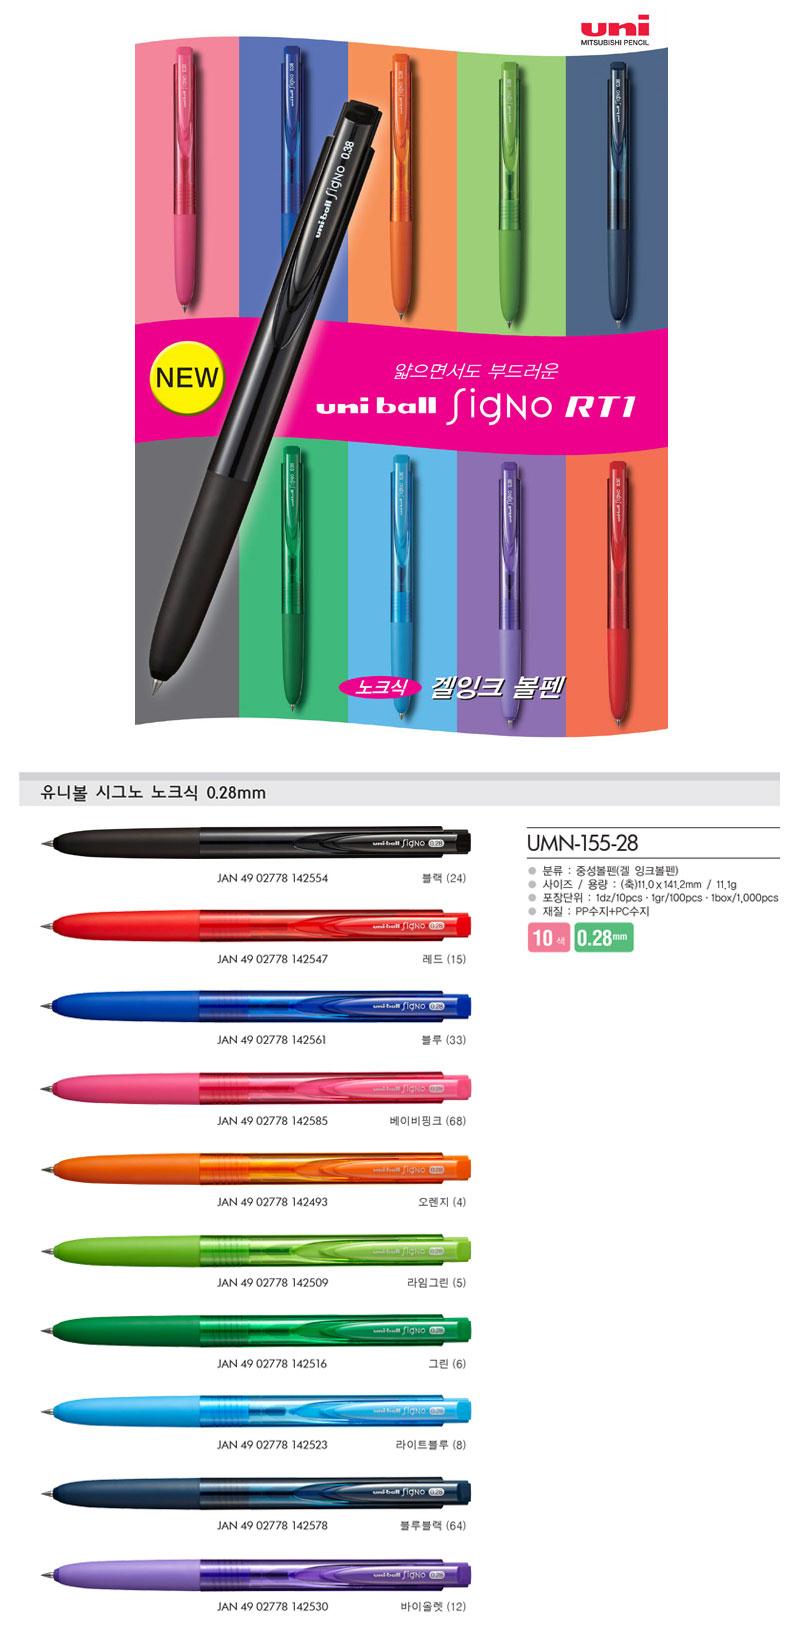 미쯔비시 유니 유니볼 시그노 노크식 0.28 (UMN-155-28) - 펜디포, 2,000원, 수성/중성펜, 심플 펜